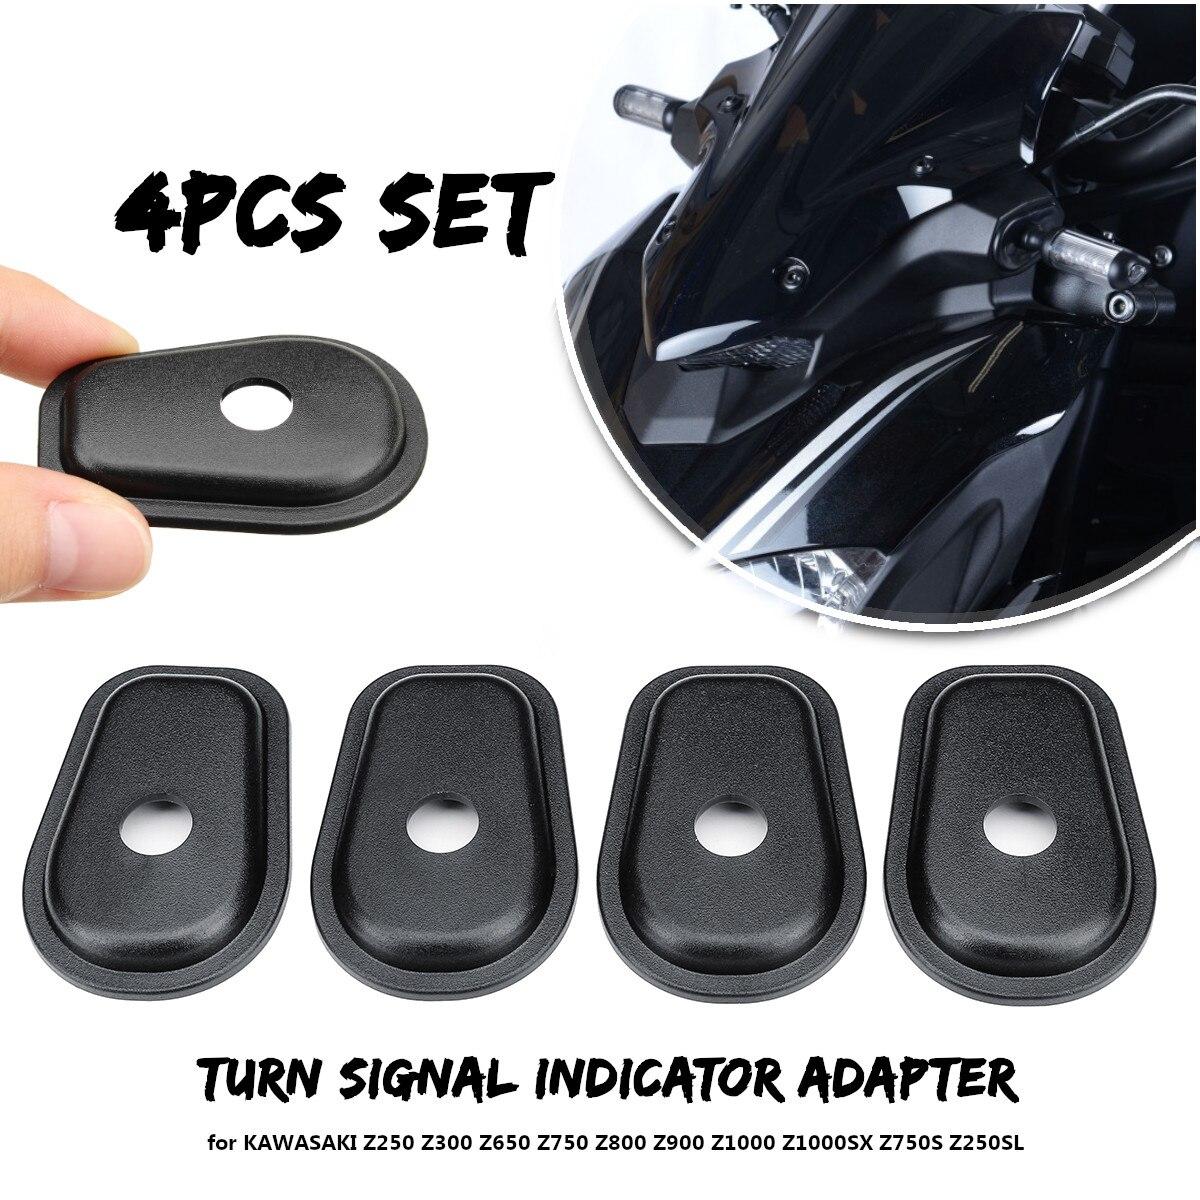 4 Uds Indicador de luz intermitente para motocicleta adaptador espaciadores para KAWASAKI Z250 Z300 Z750 Z800 Z1000 Z1000SX Z750S Z250SL